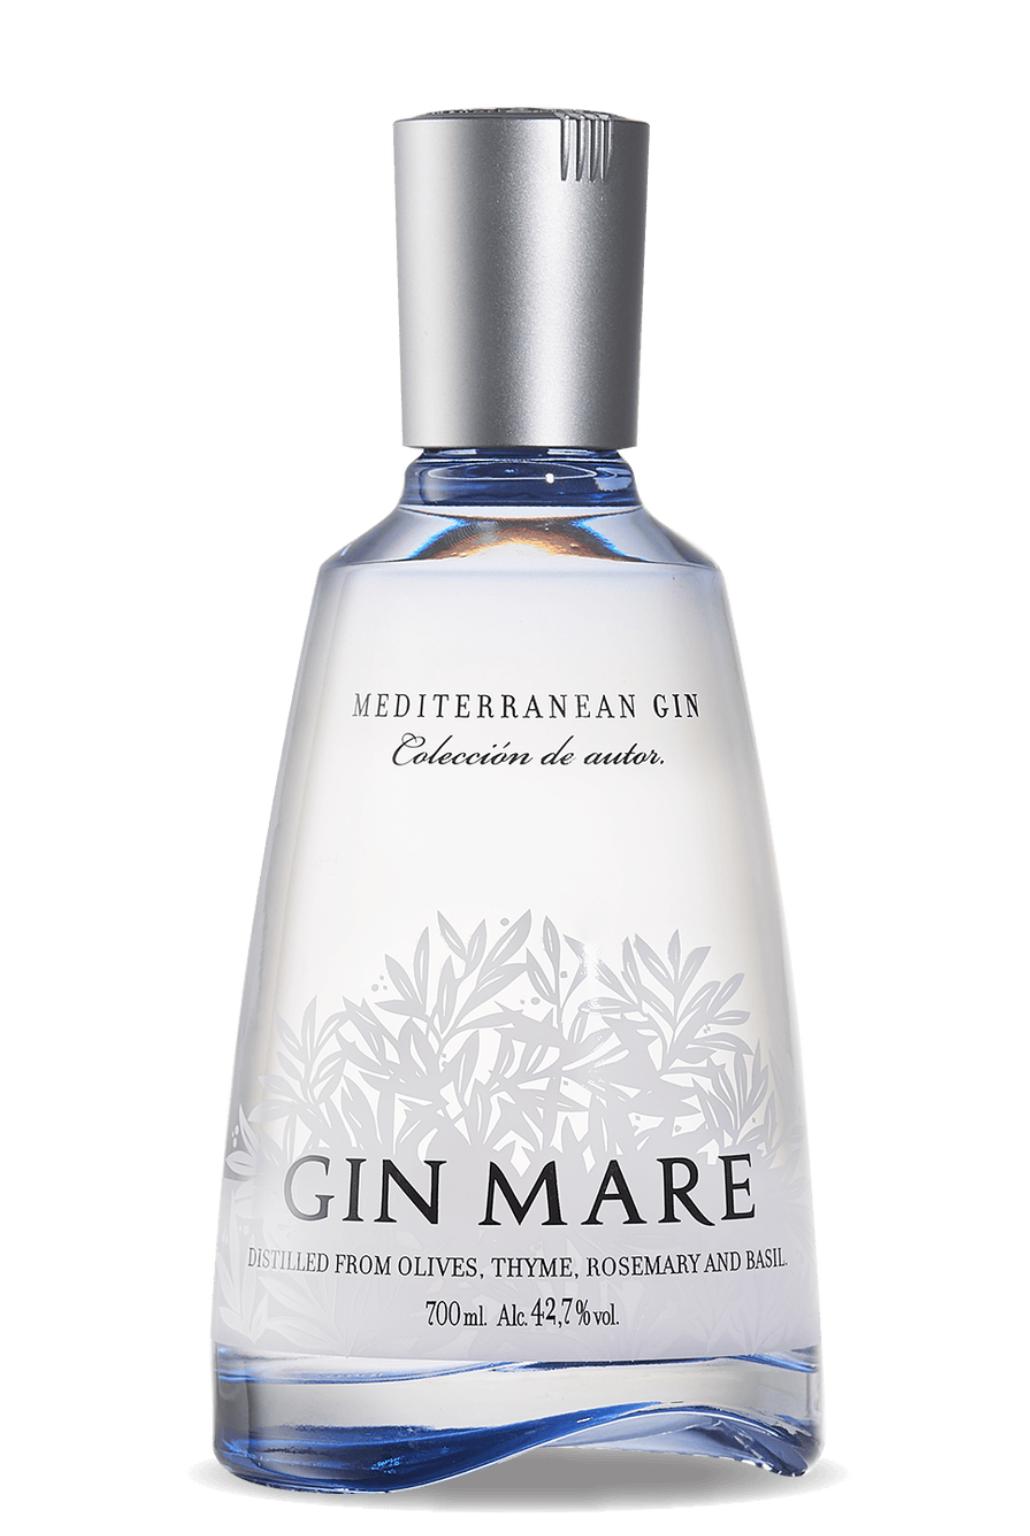 ¡11% de descuento en Gin Mare!